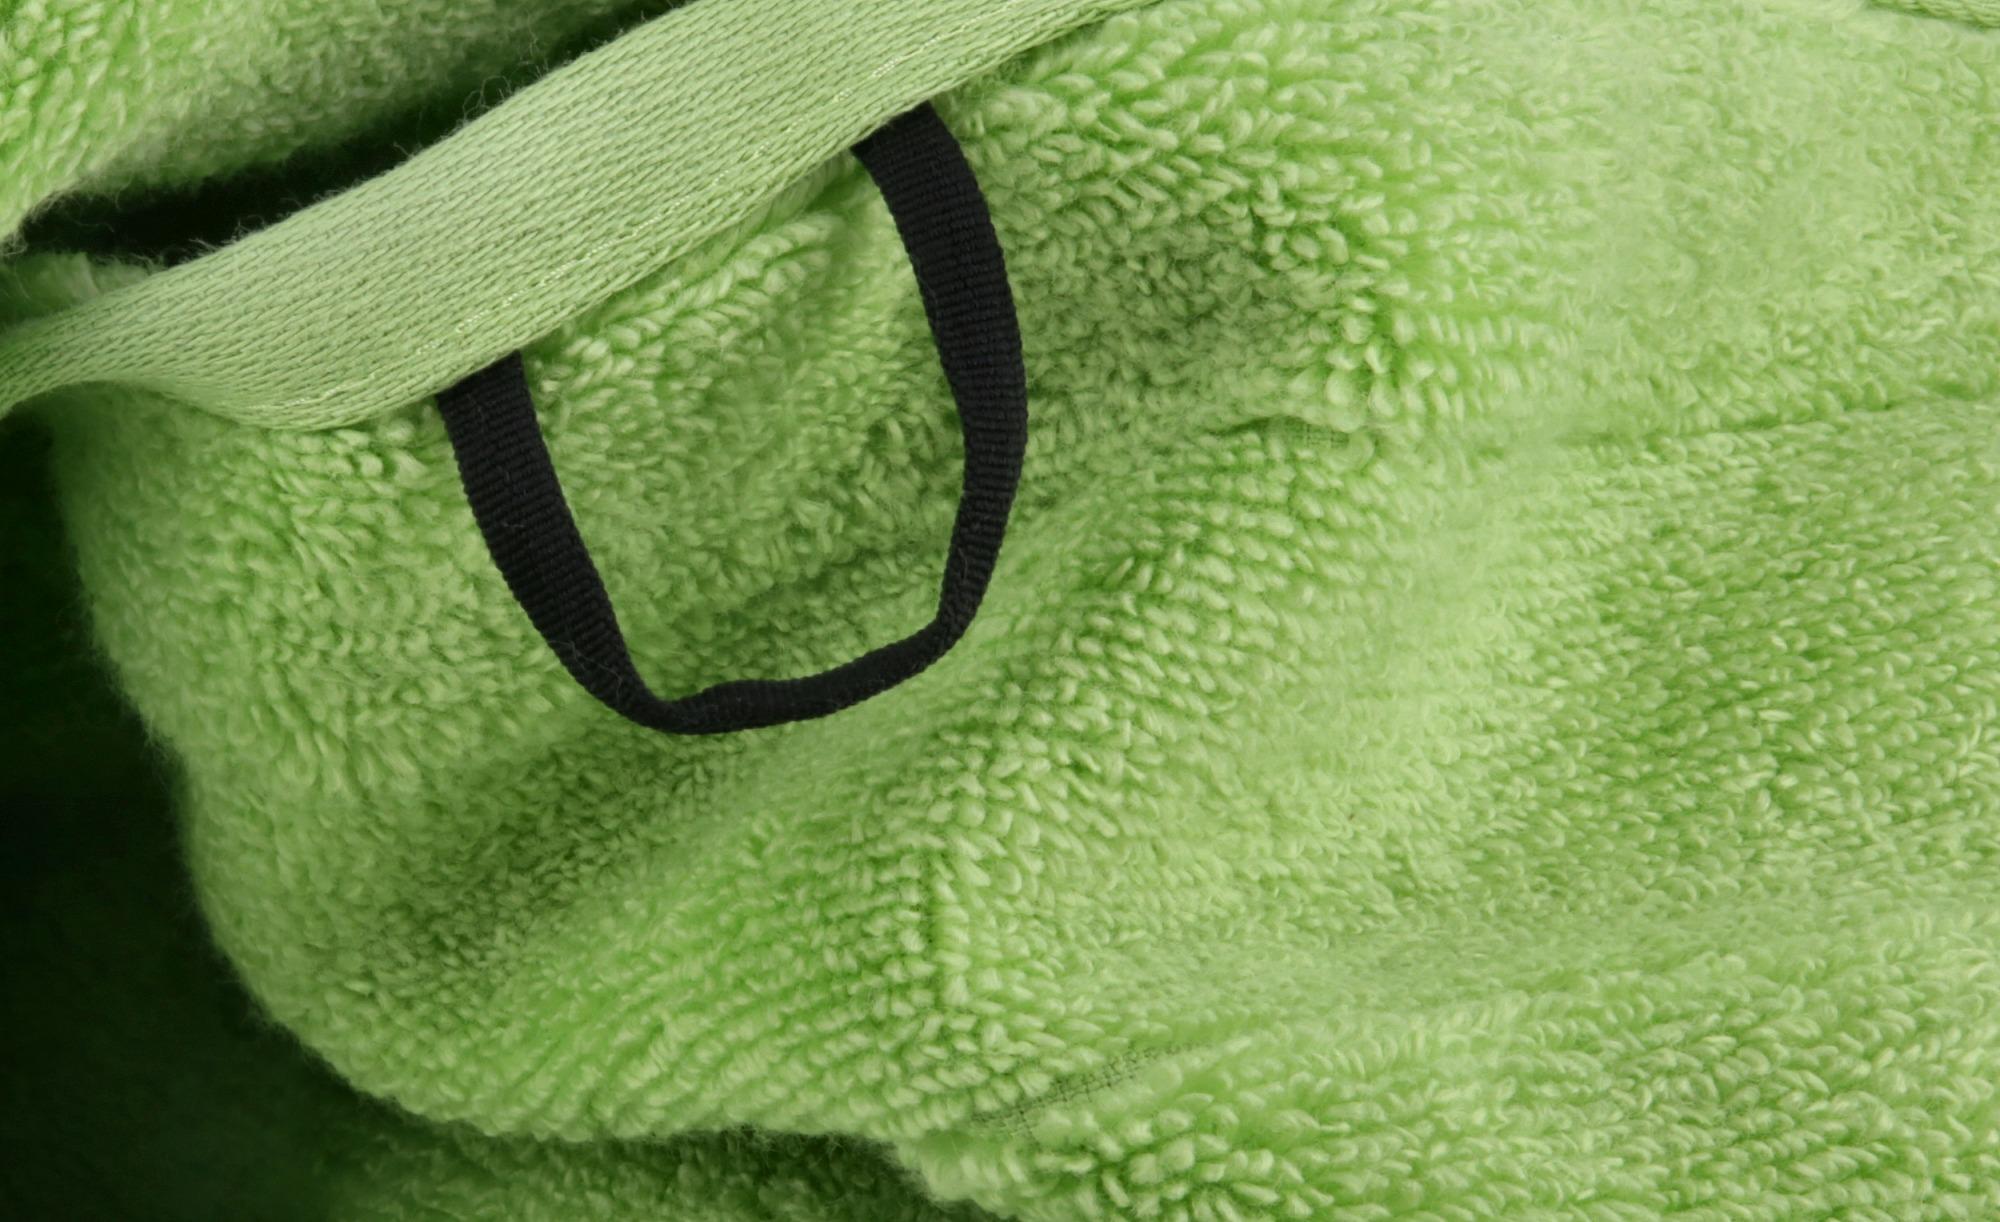 VOSSEN Badetuch  Cloud ¦ grün ¦ 100% Baumwolle ¦ Maße (cm): B: 100 Badtextilien und Zubehör > Handtuch-Sets - Höffner